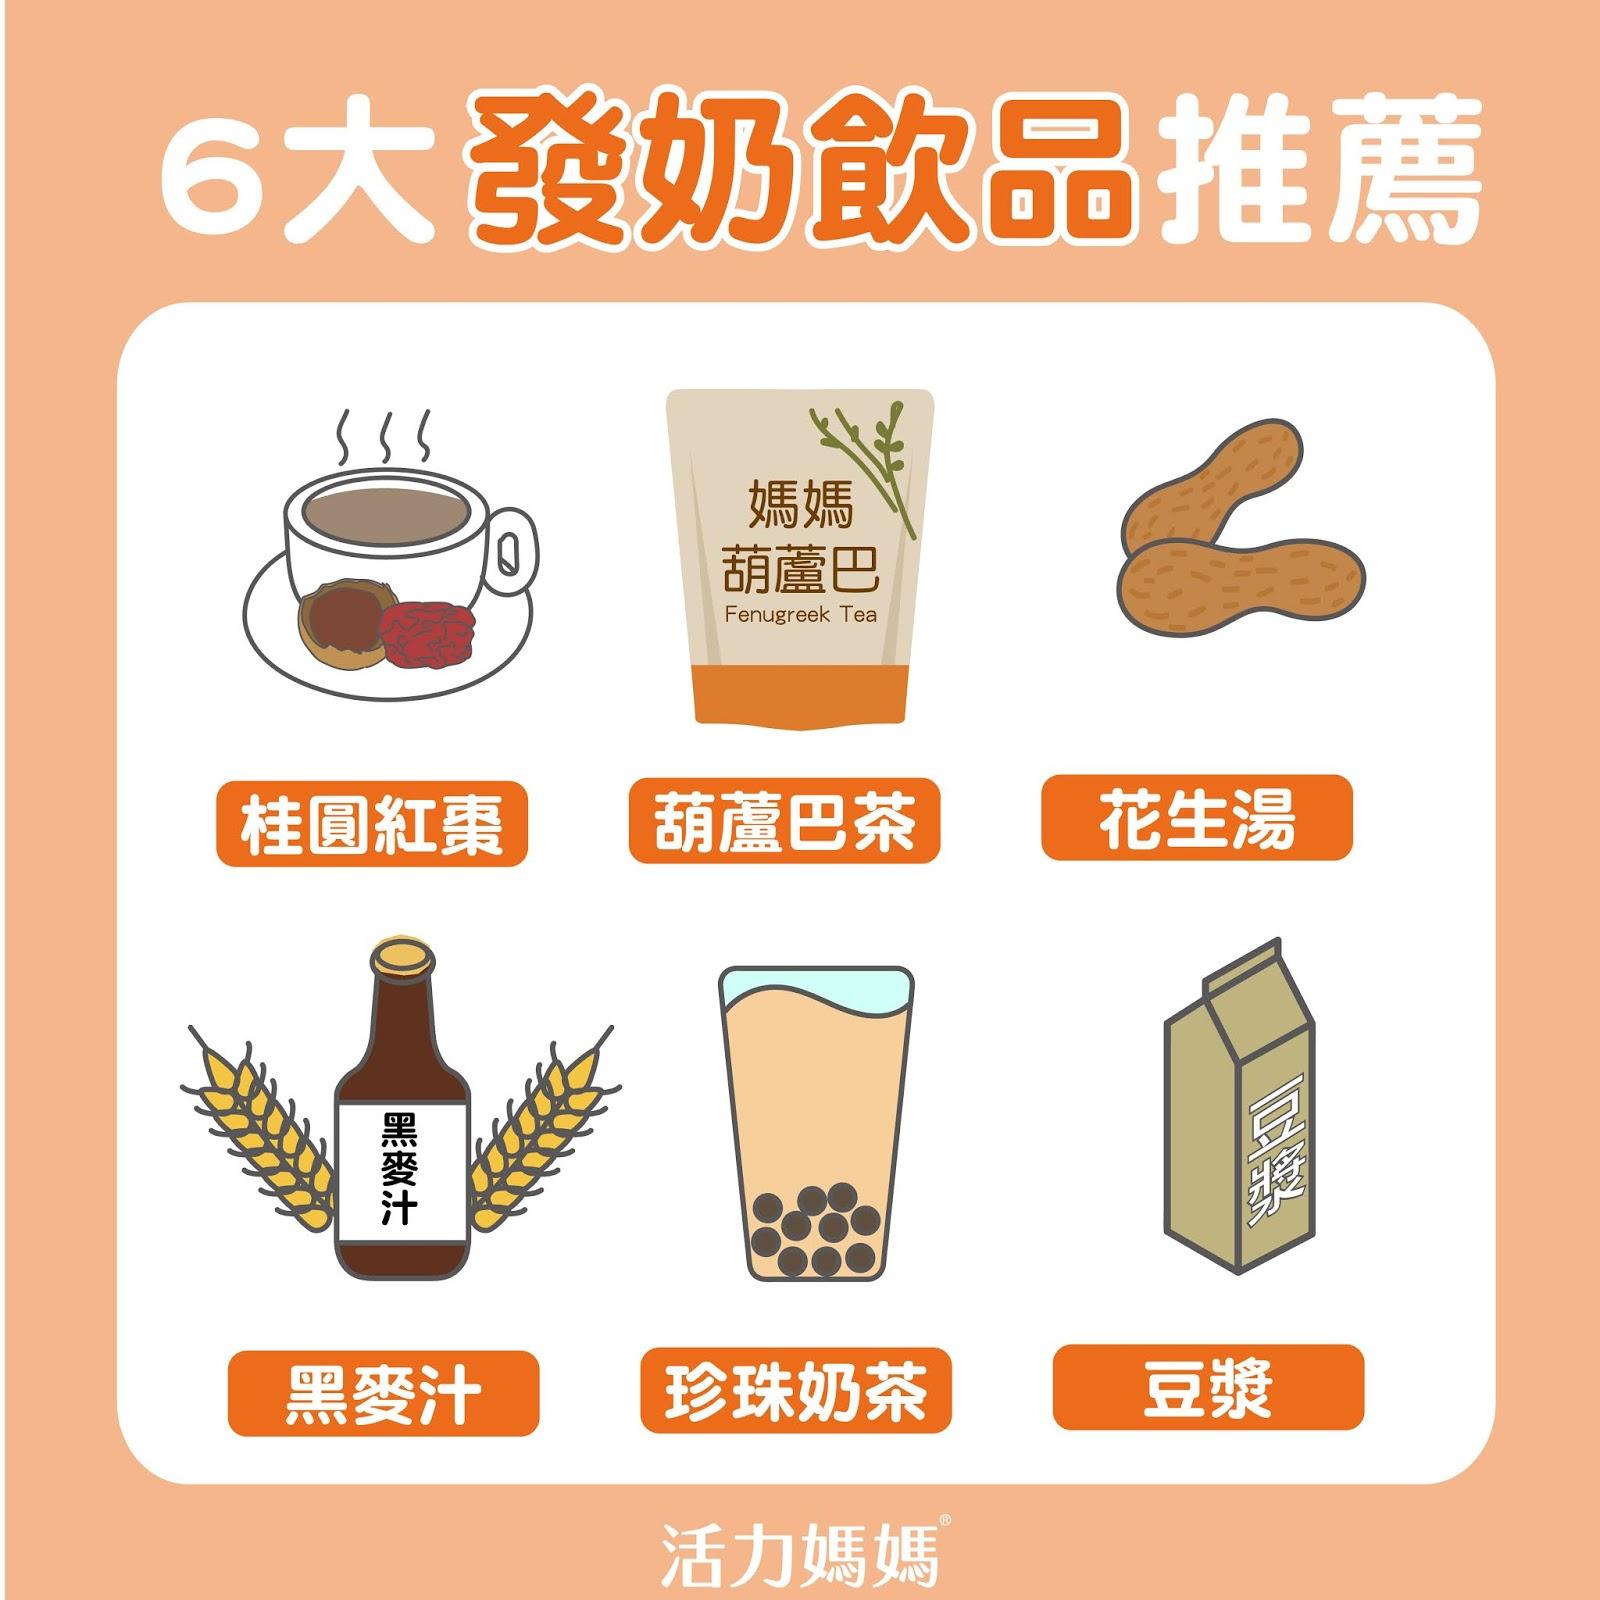 發奶食物有哪些?發奶食譜、退奶食物、塞奶食物懶人包